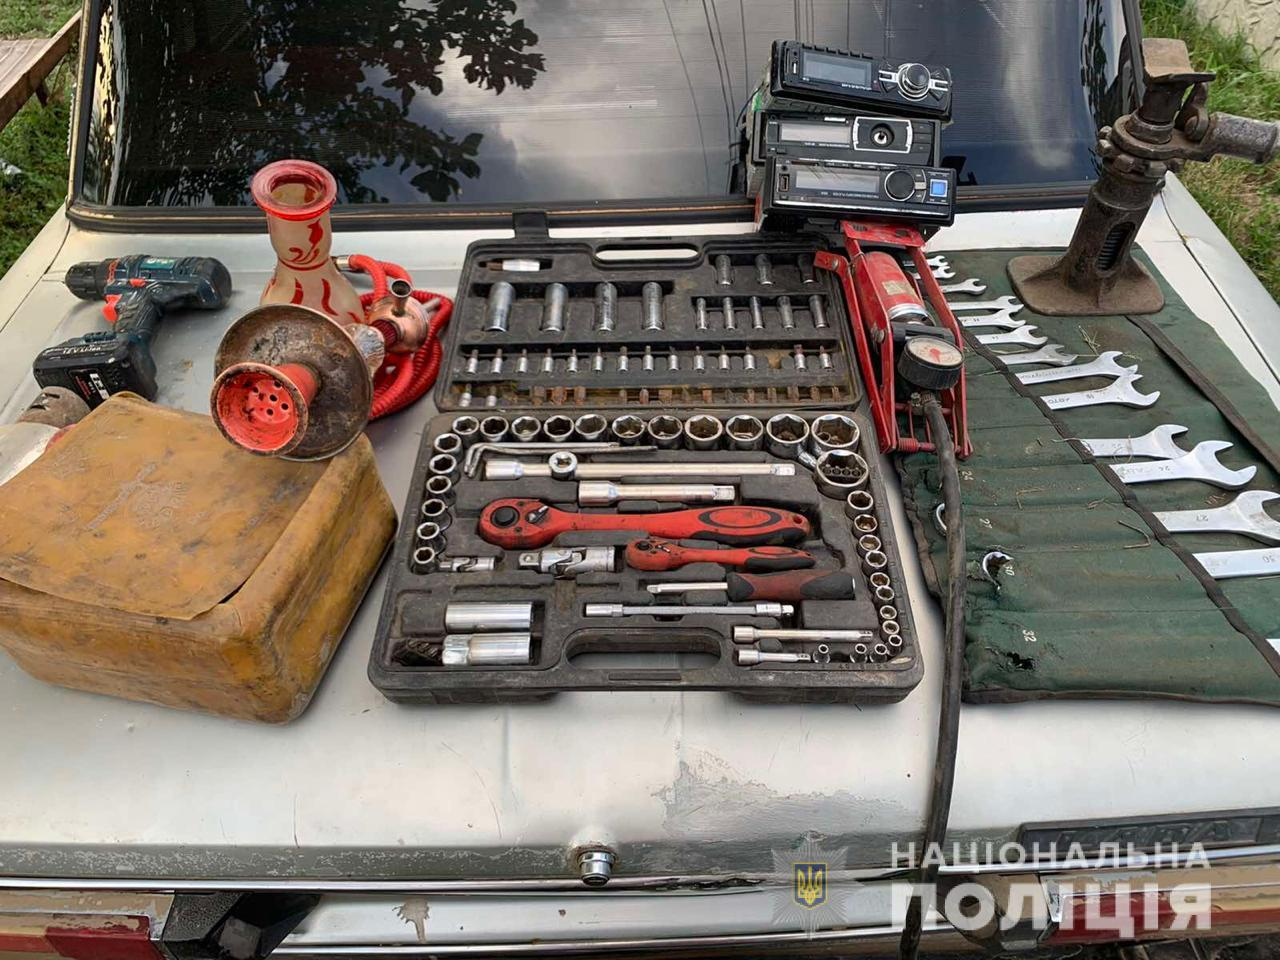 У автоворов изъяли украденное и орудия преступлений. Фото: ГУ НП в Харьковской области